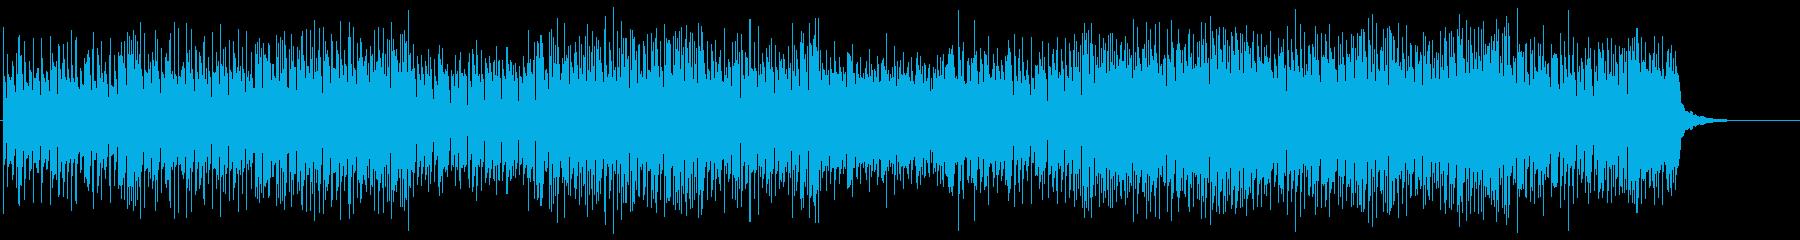 スピード 淡々 ドキュメント 報道 夜の再生済みの波形